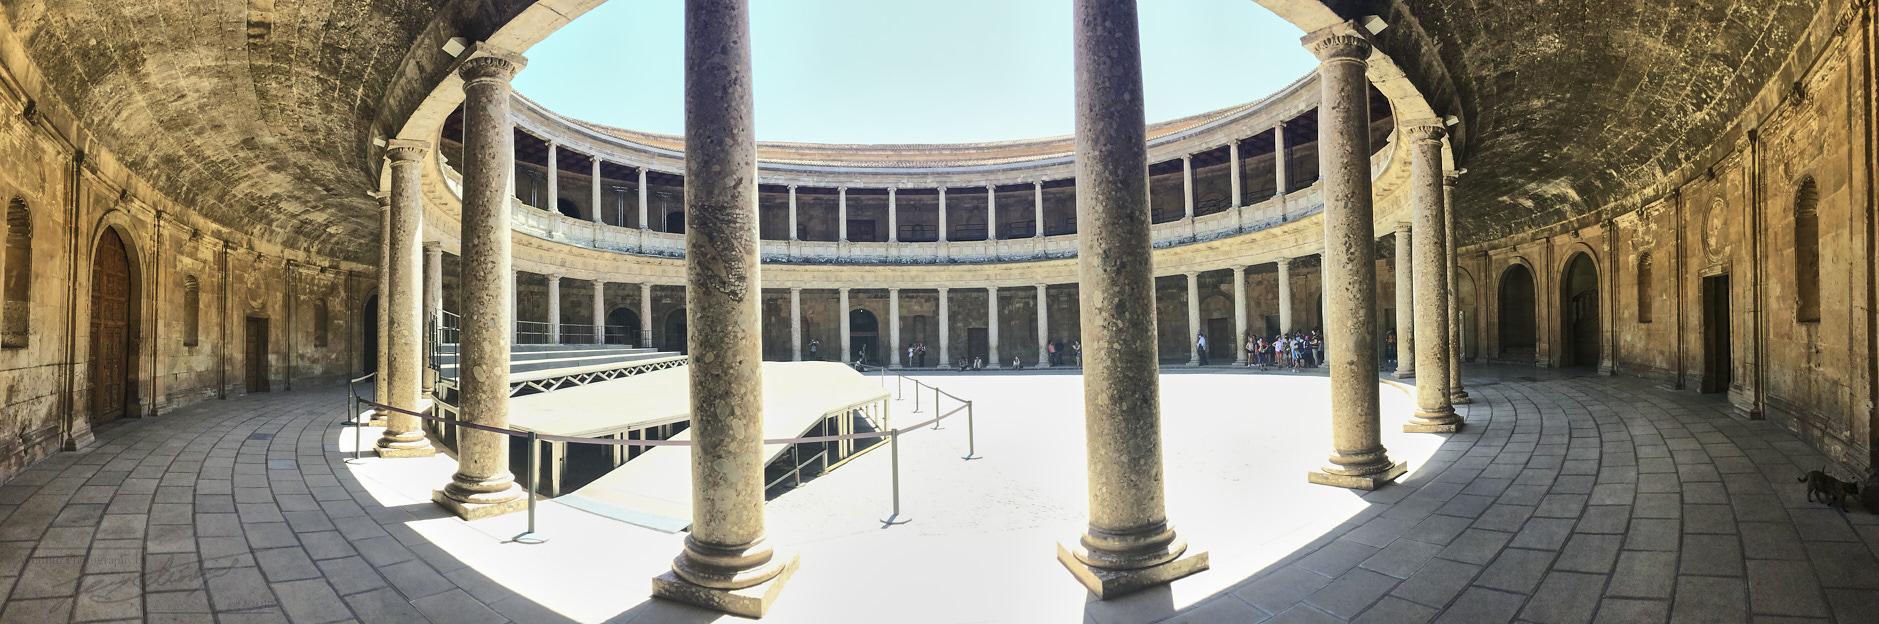 Palacio Carlos V, Granada